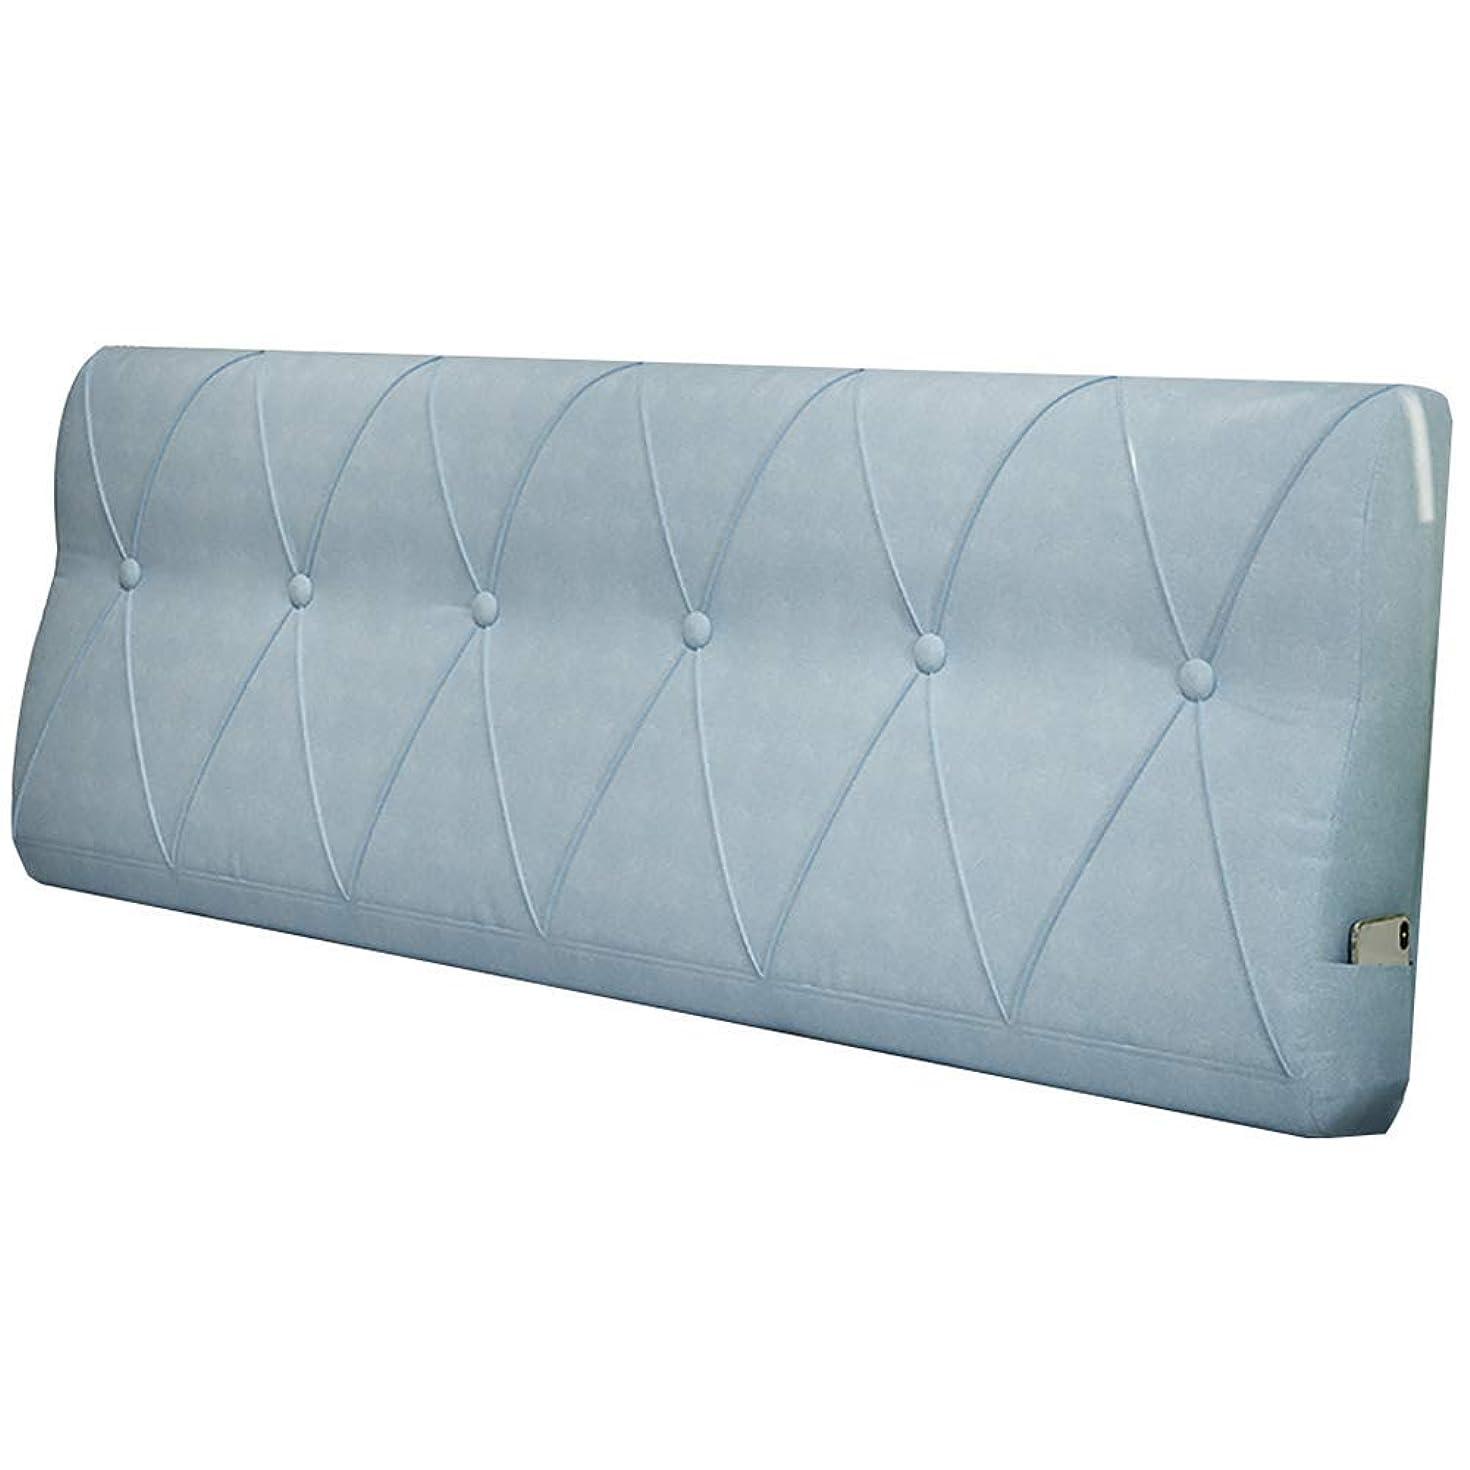 息を切らして虚栄心禁輸WZBヘッドボードクッションウエストを簡単に支えるシンプルで快適なPPコットンサイドポケット、5色、5サイズ(色:A-Blue、サイズ:120x60x15cm)